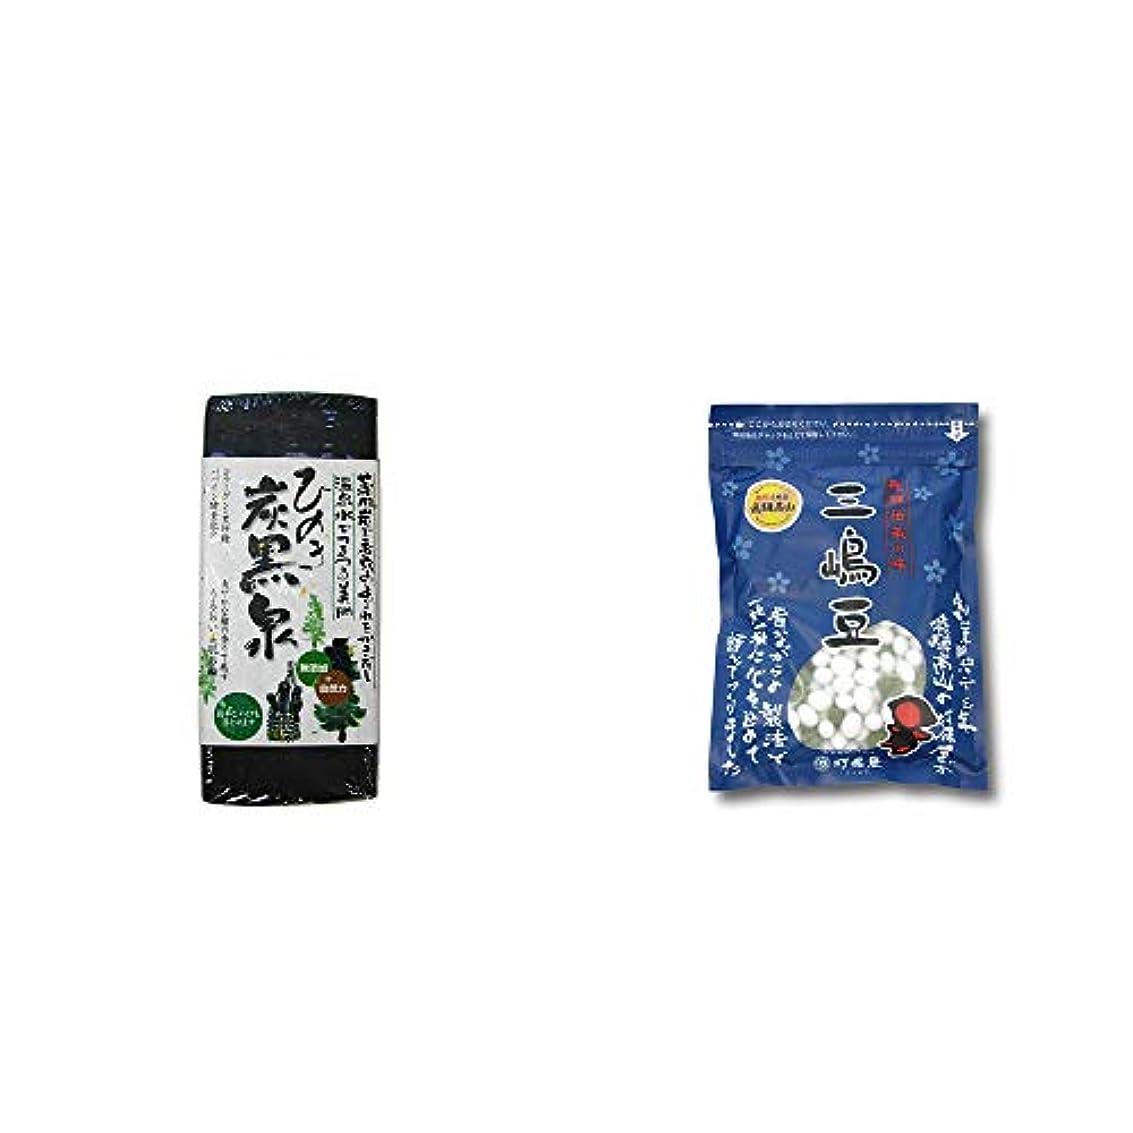 一般ペック水差し[2点セット] ひのき炭黒泉(75g×2)?飛騨 打保屋 駄菓子 三嶋豆(150g)